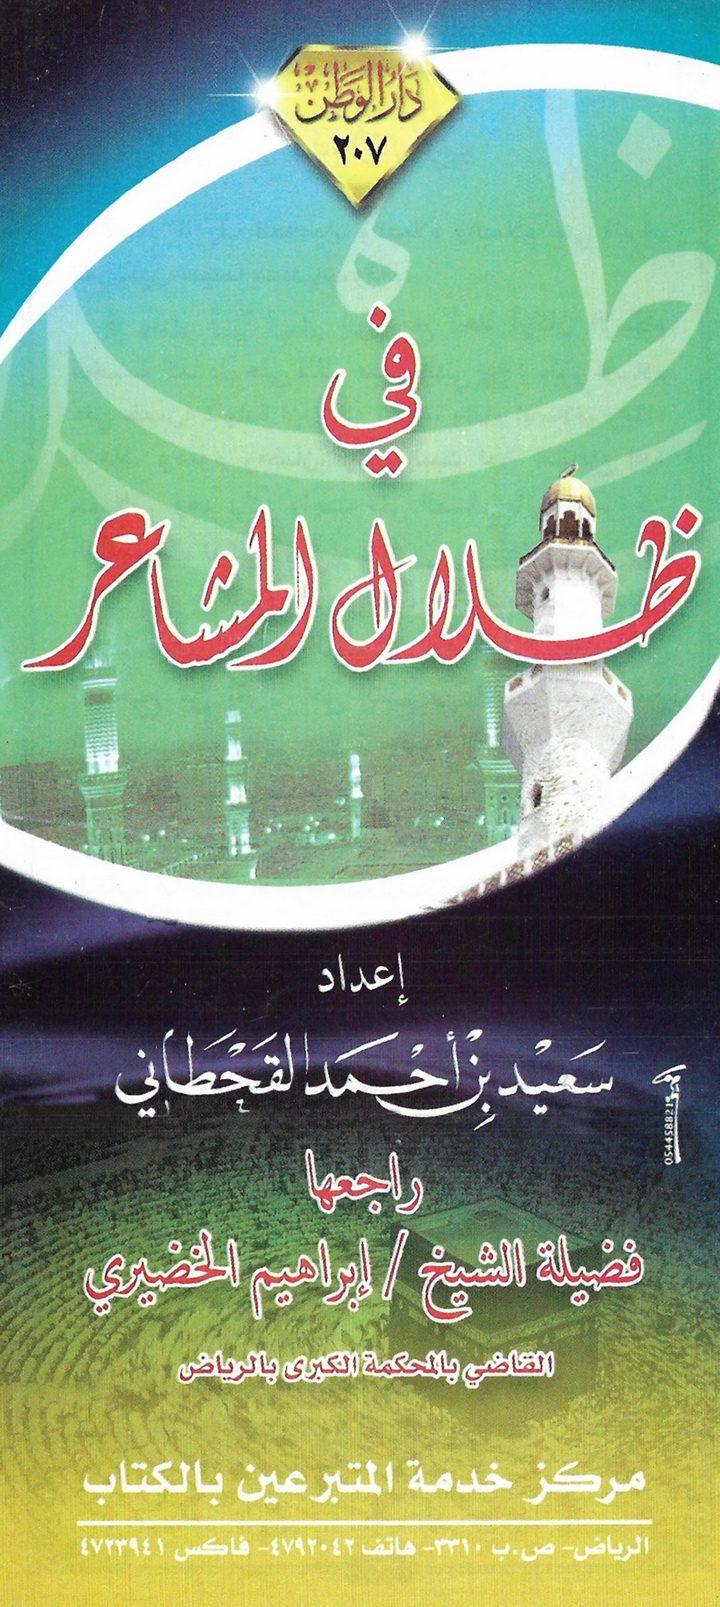 في ظلال المشاعر (سعيد بن أحمد القحطاني – دار الوطن)